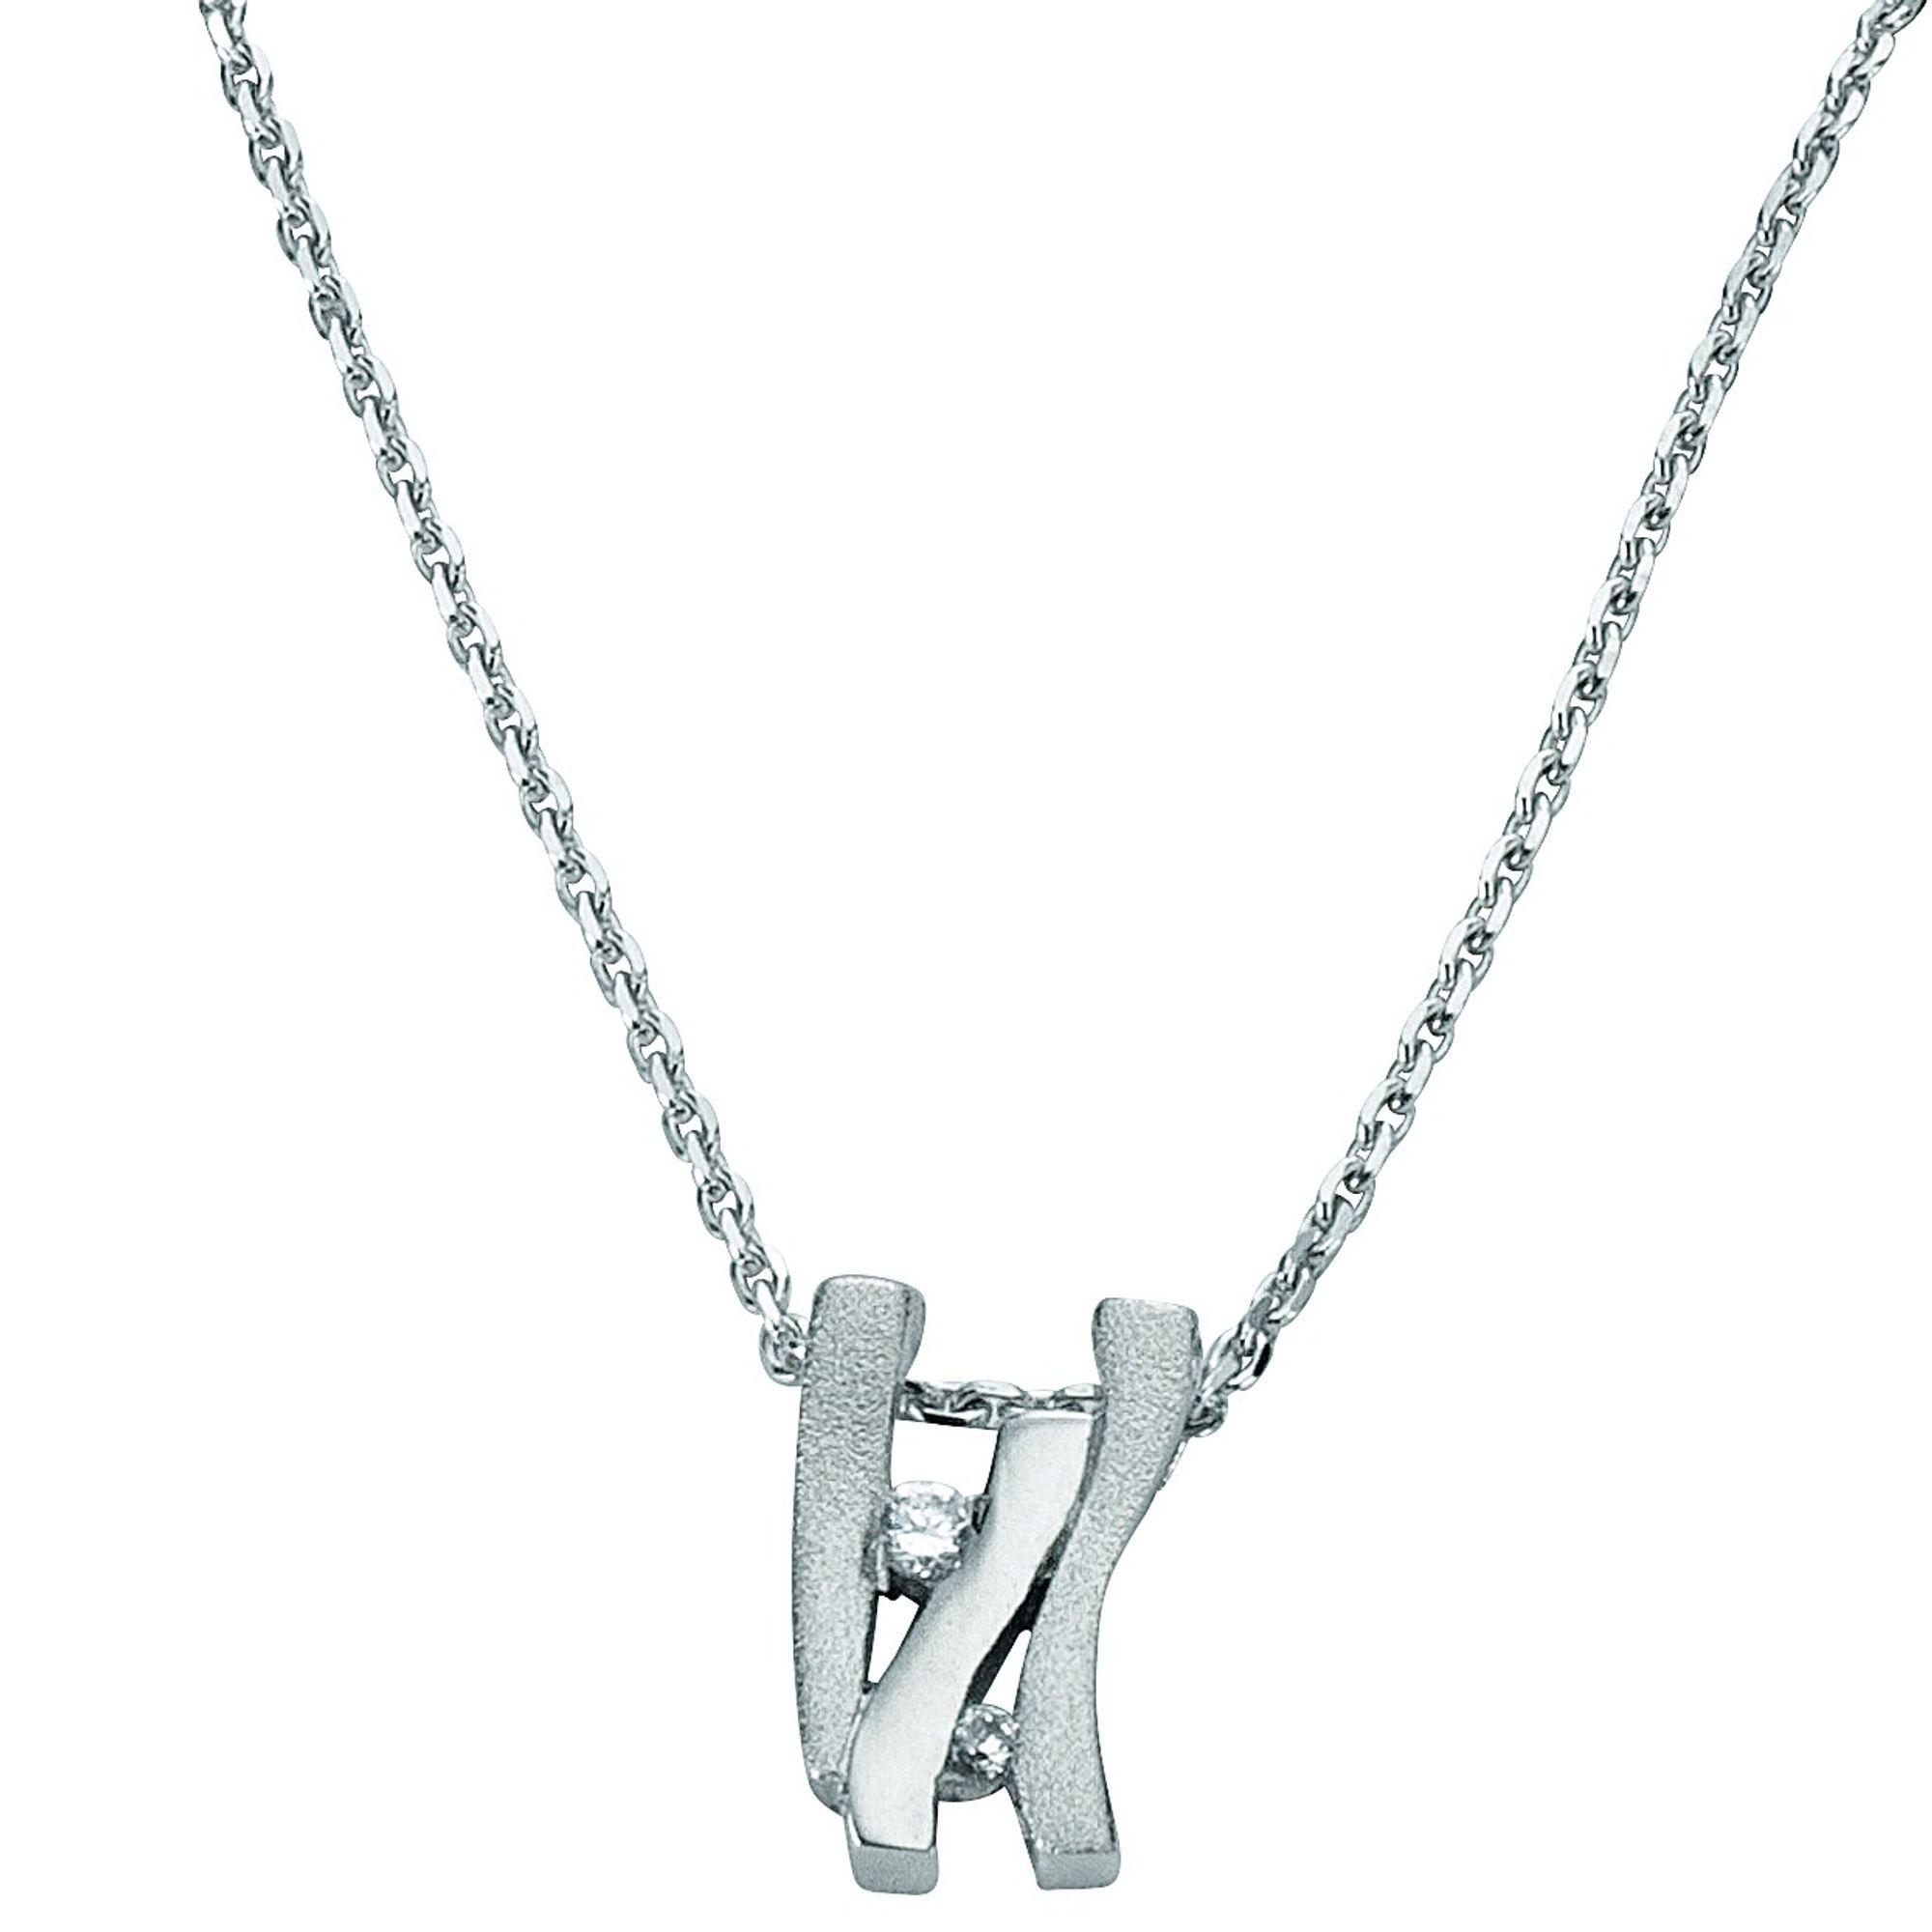 Basic Silber 21.EX573 Damen Collier Silber Zirkonia weiß 42 cm